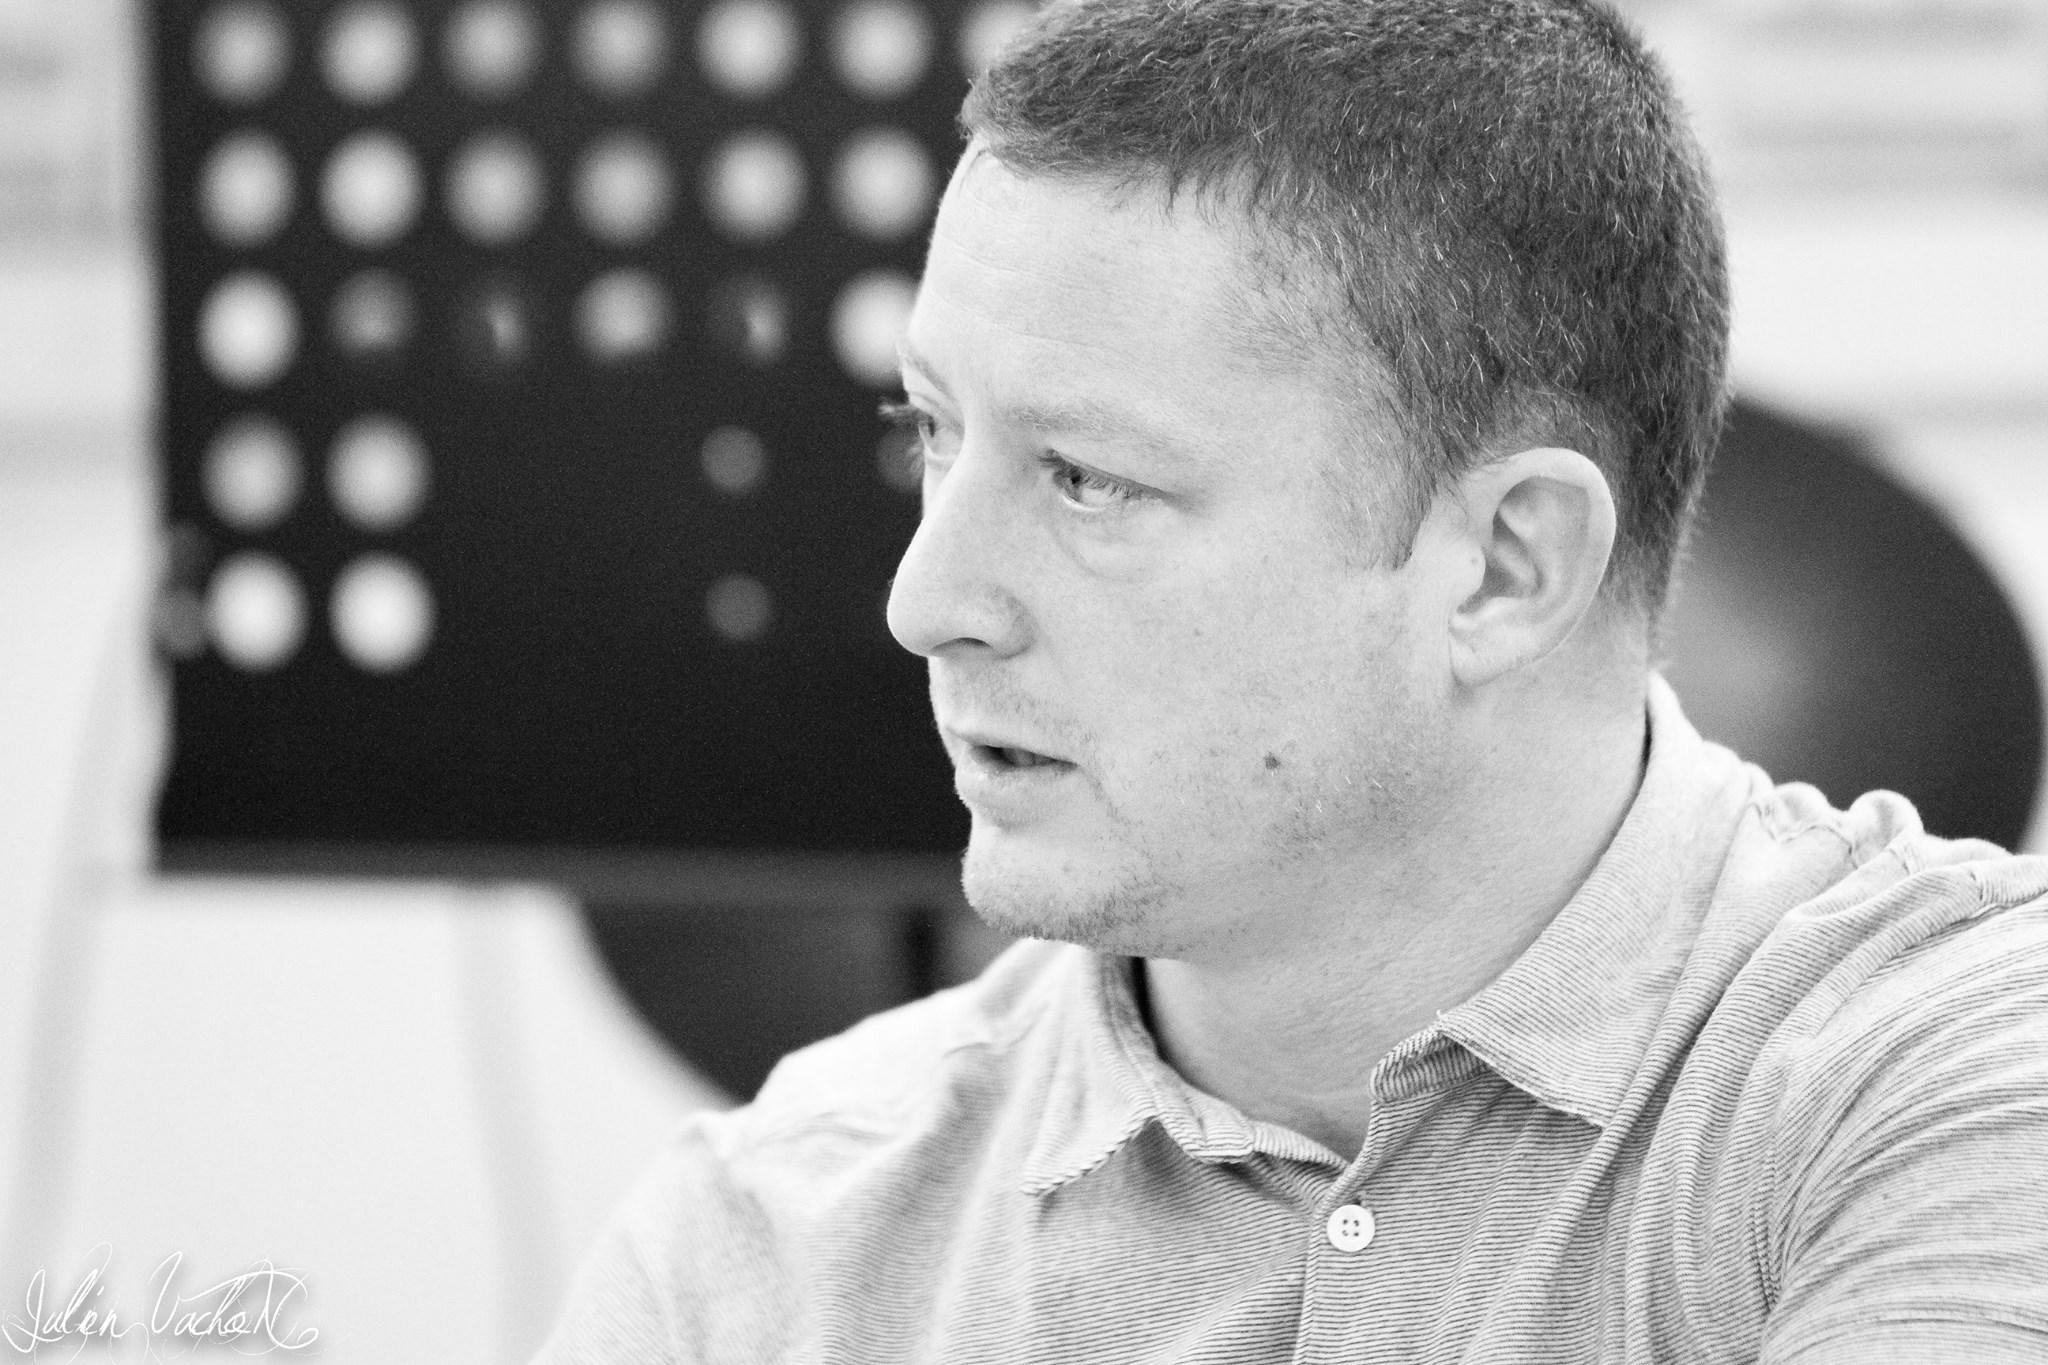 Vincent Blaviel – Directeur de la création artistique Jive Epic France / Sony Music France